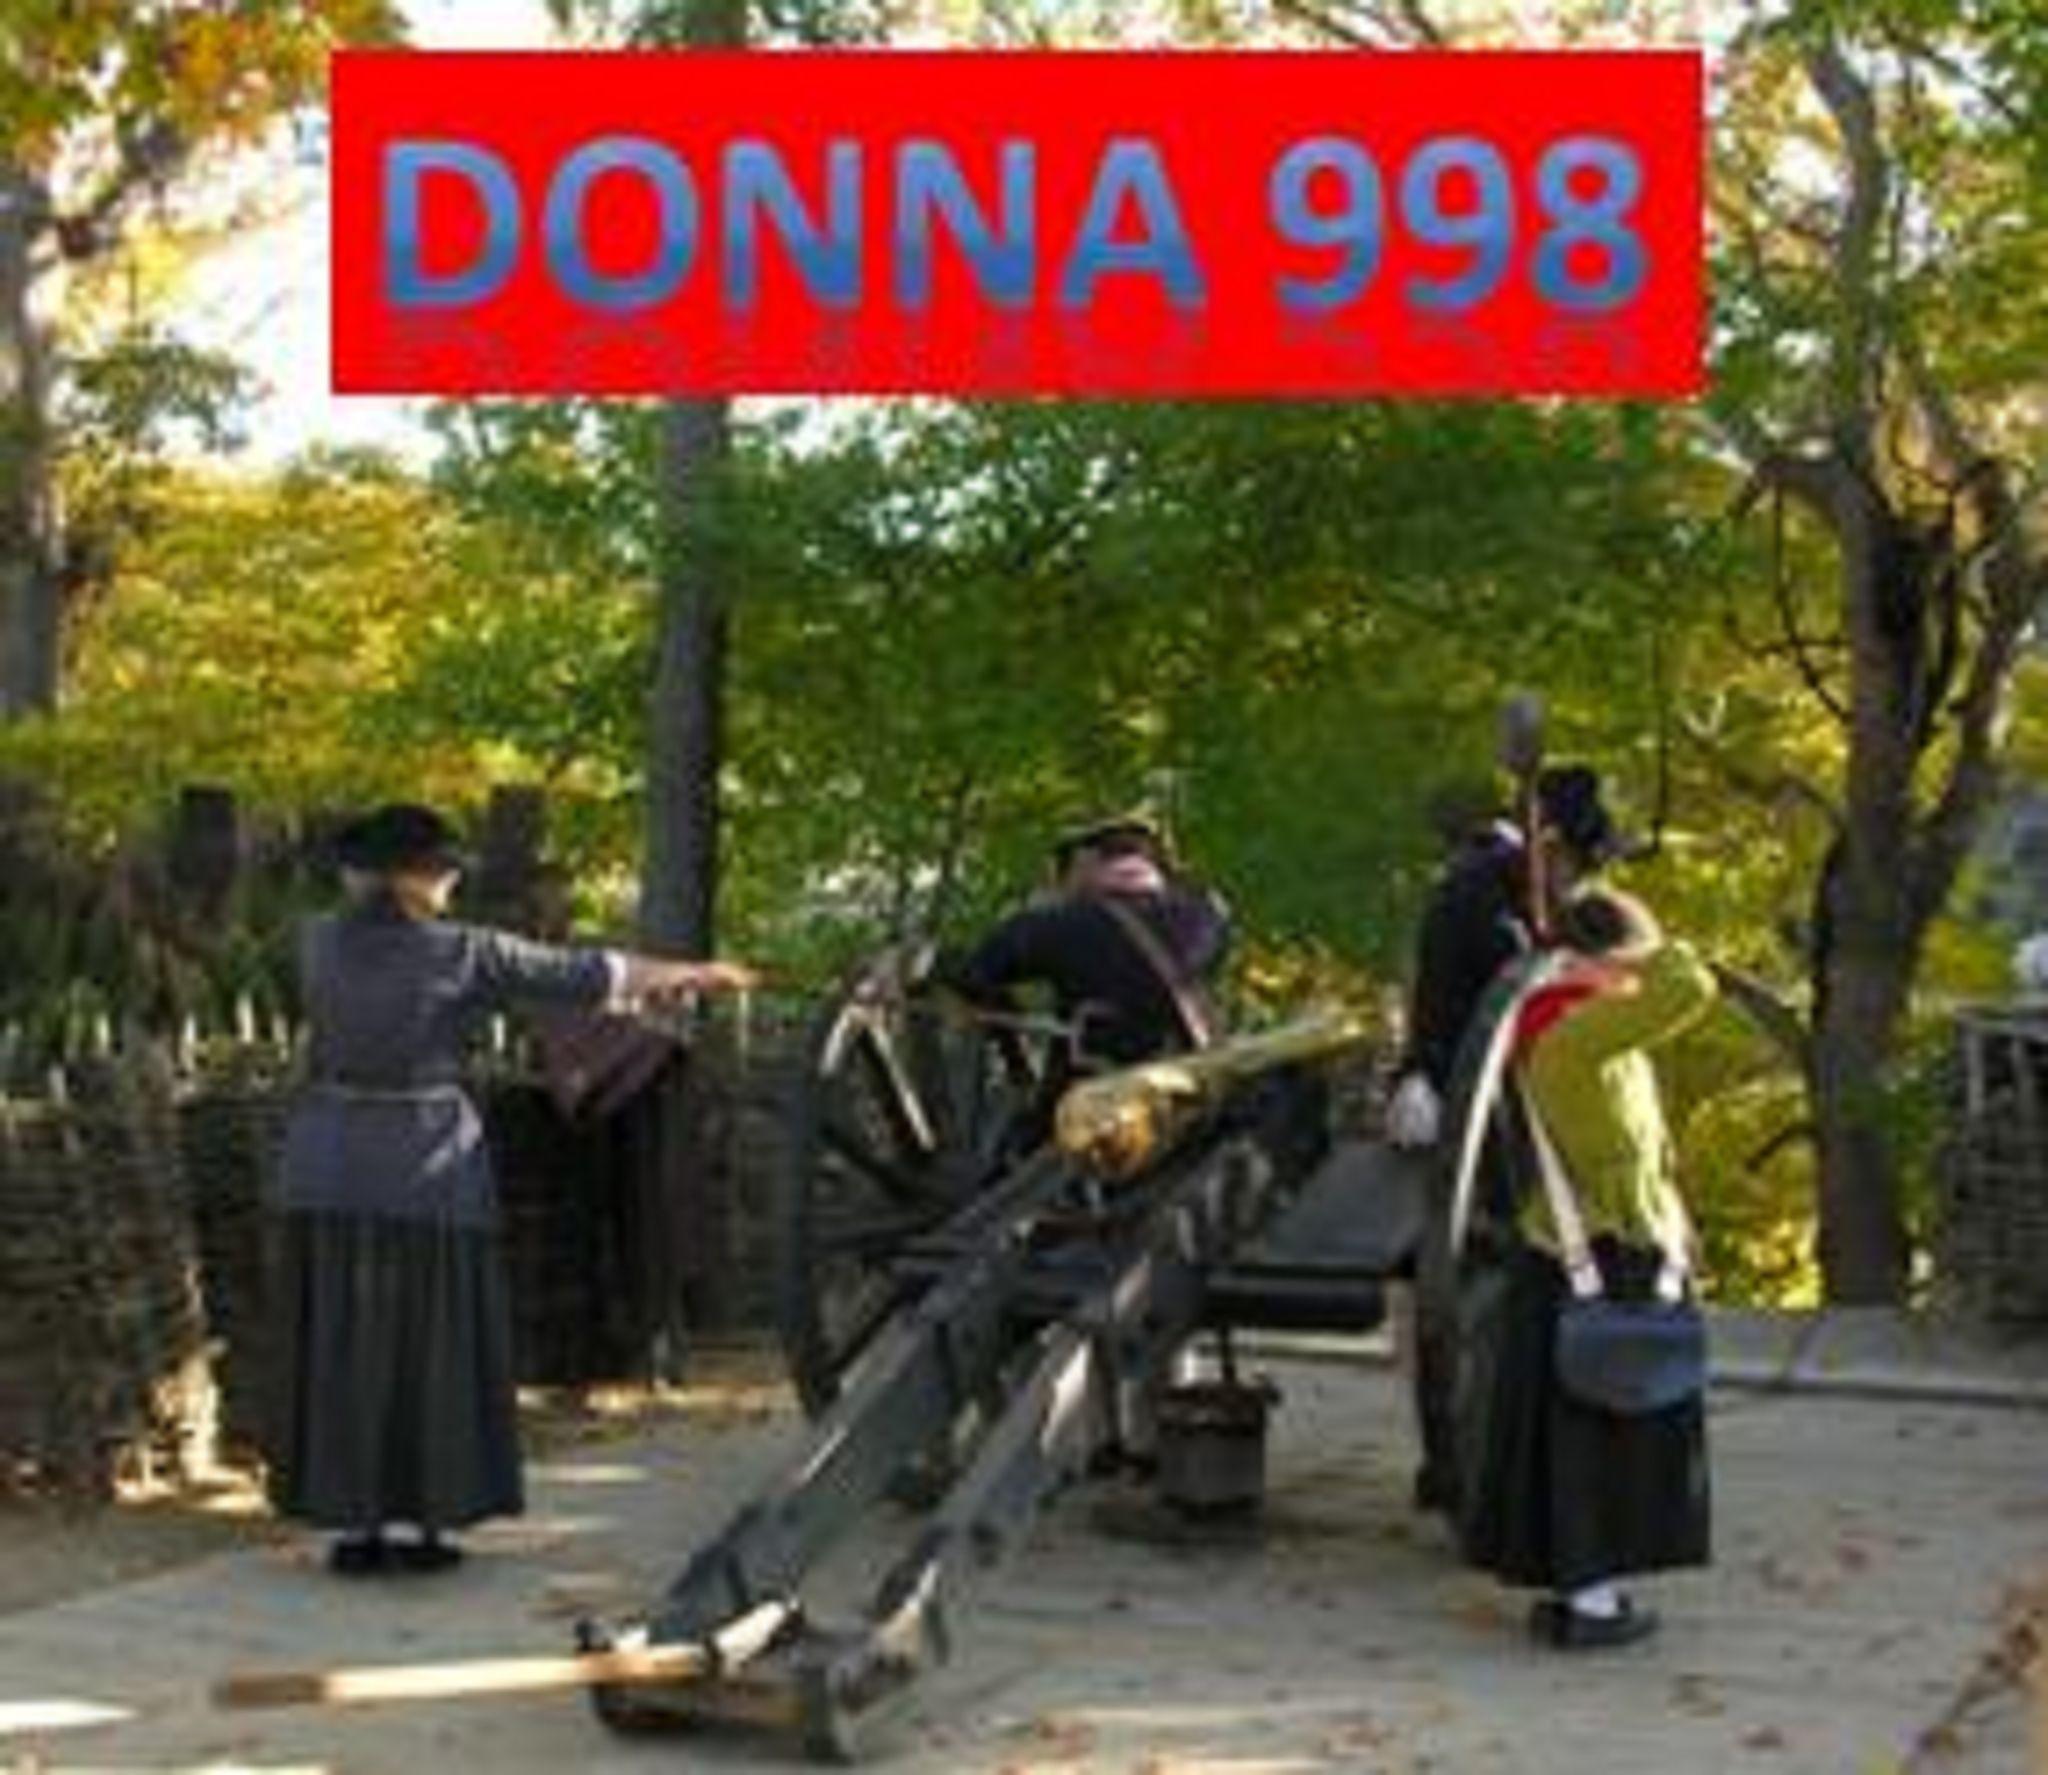 DONNA 998